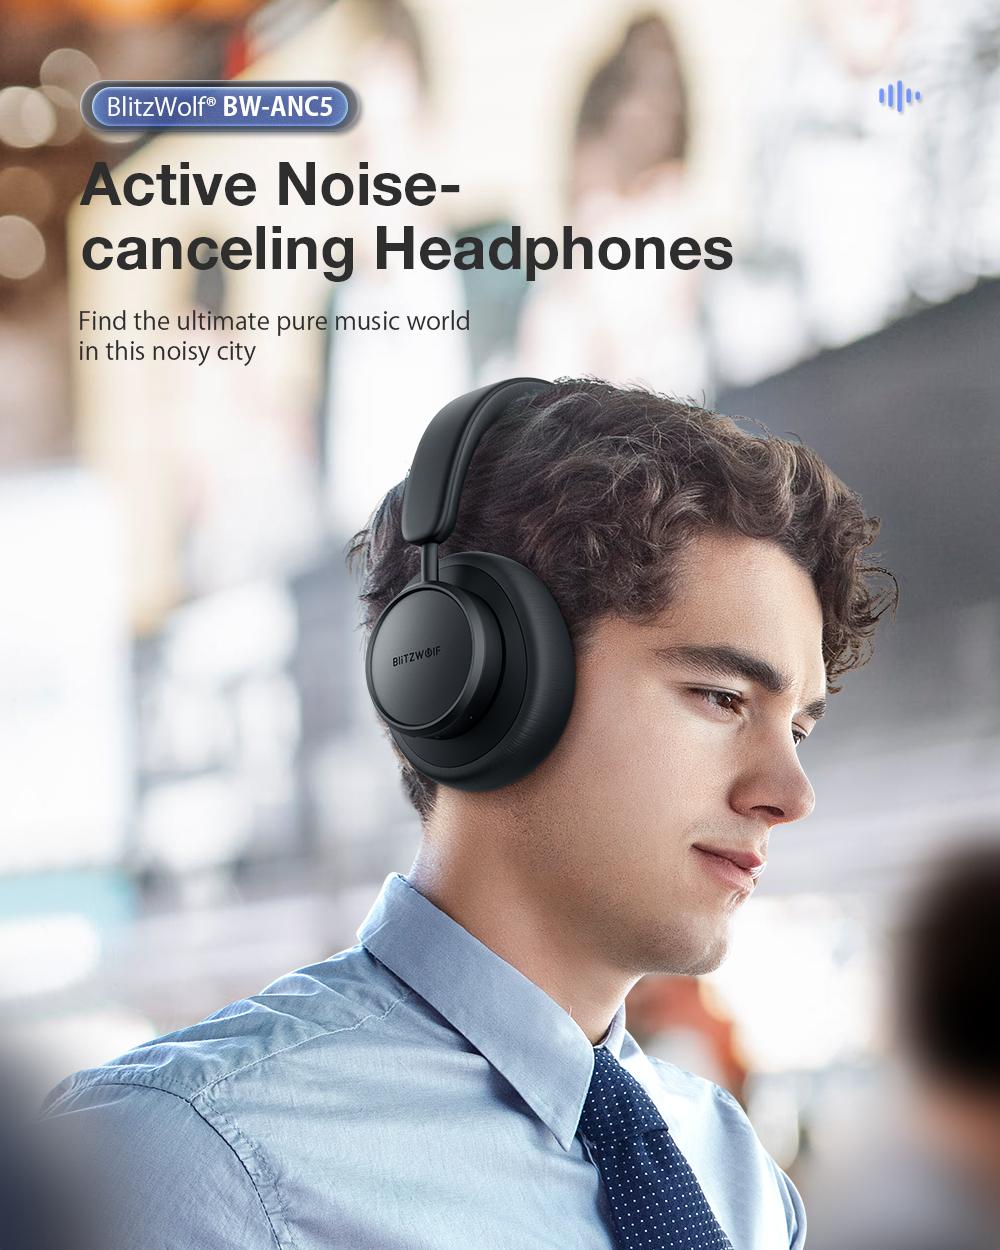 Blitzwolf BW-ANC5 Active Noise canceling headphone